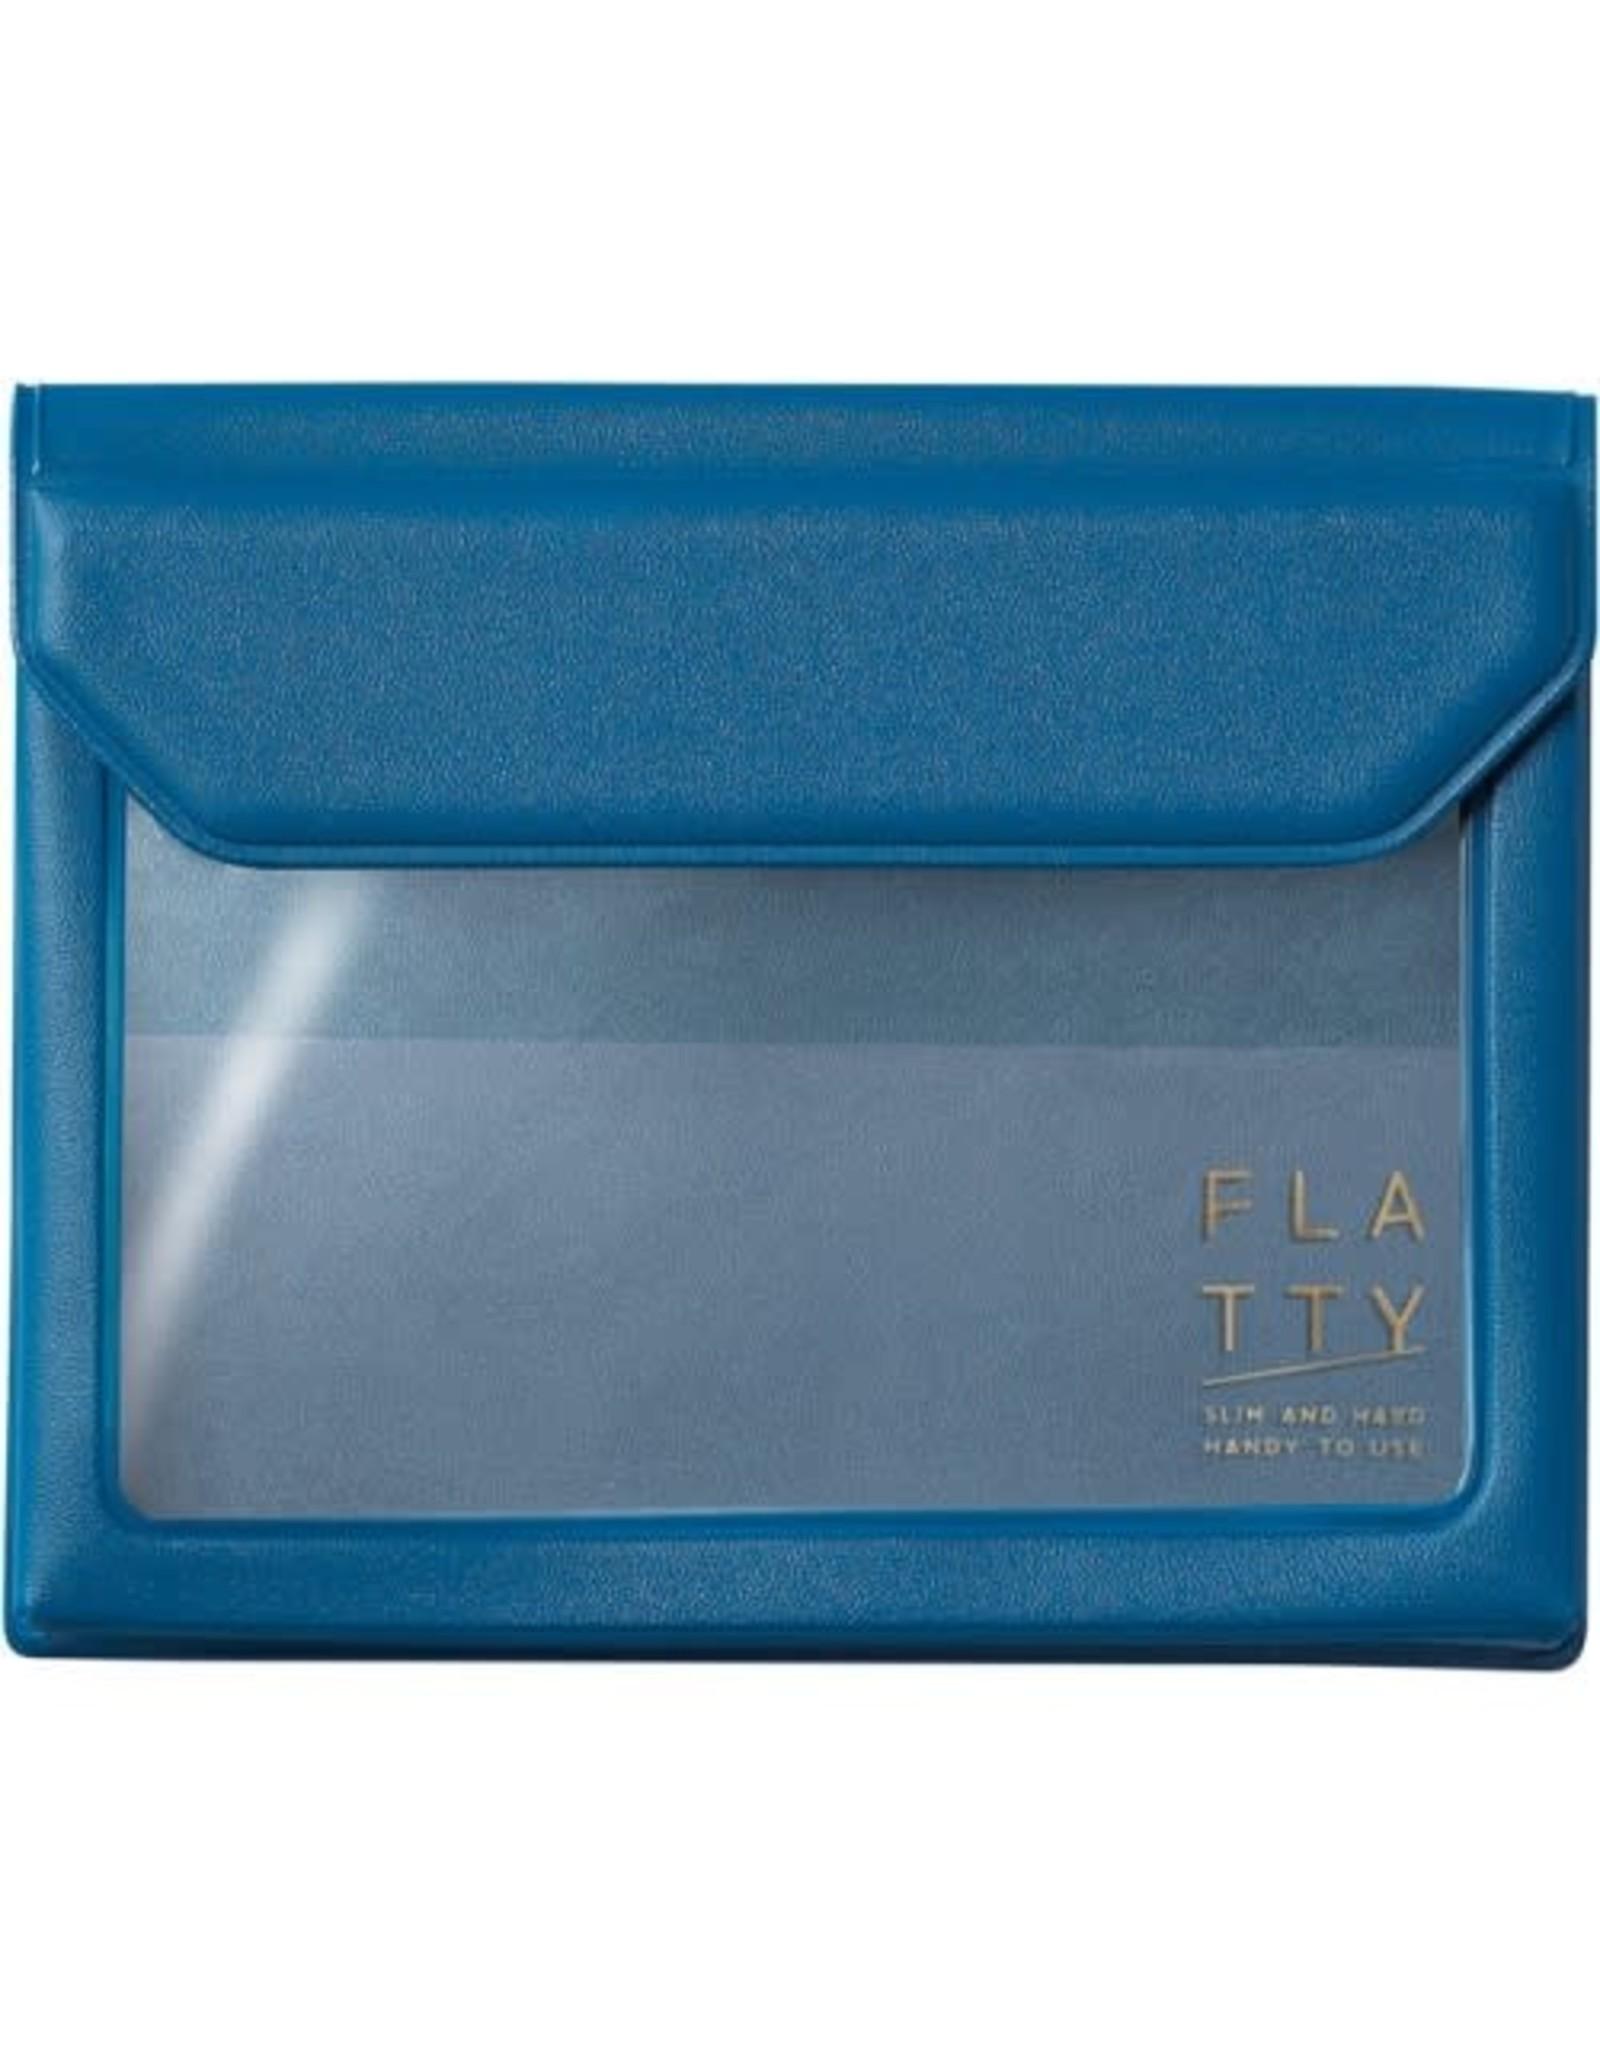 KING JIM CO., LTD. FLATTY CARD DARK BLUE